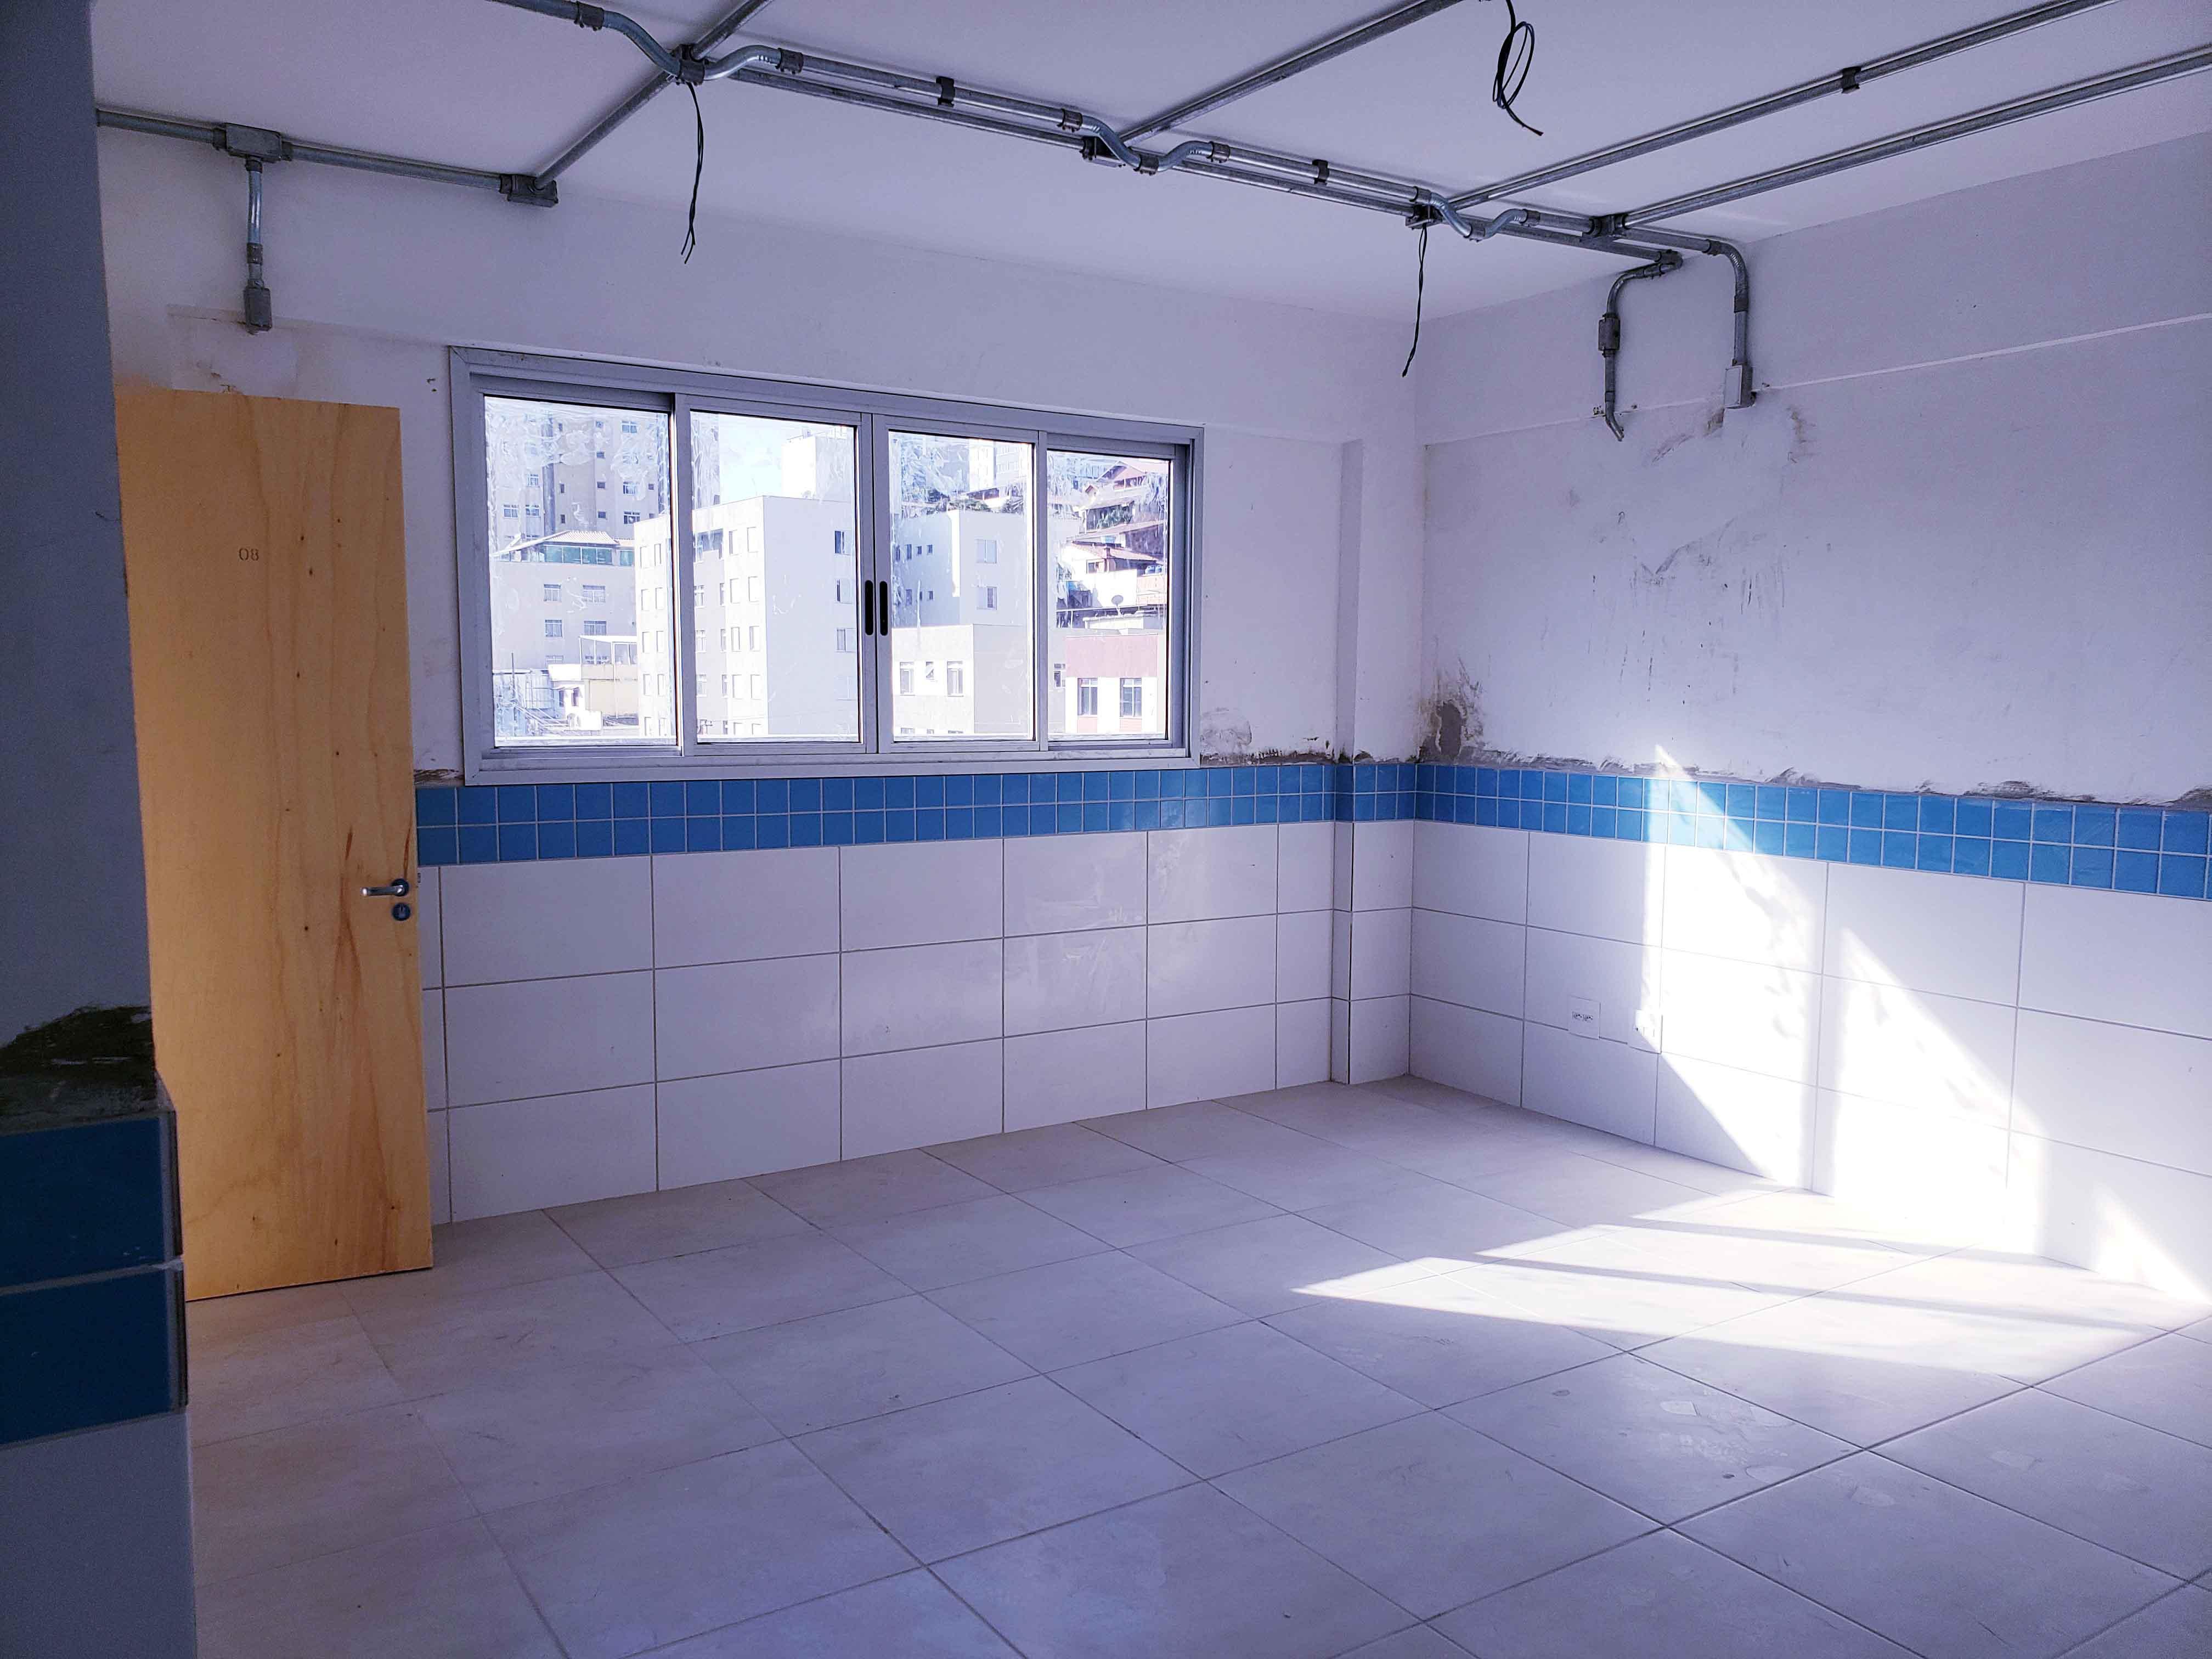 Sala azul ASCL